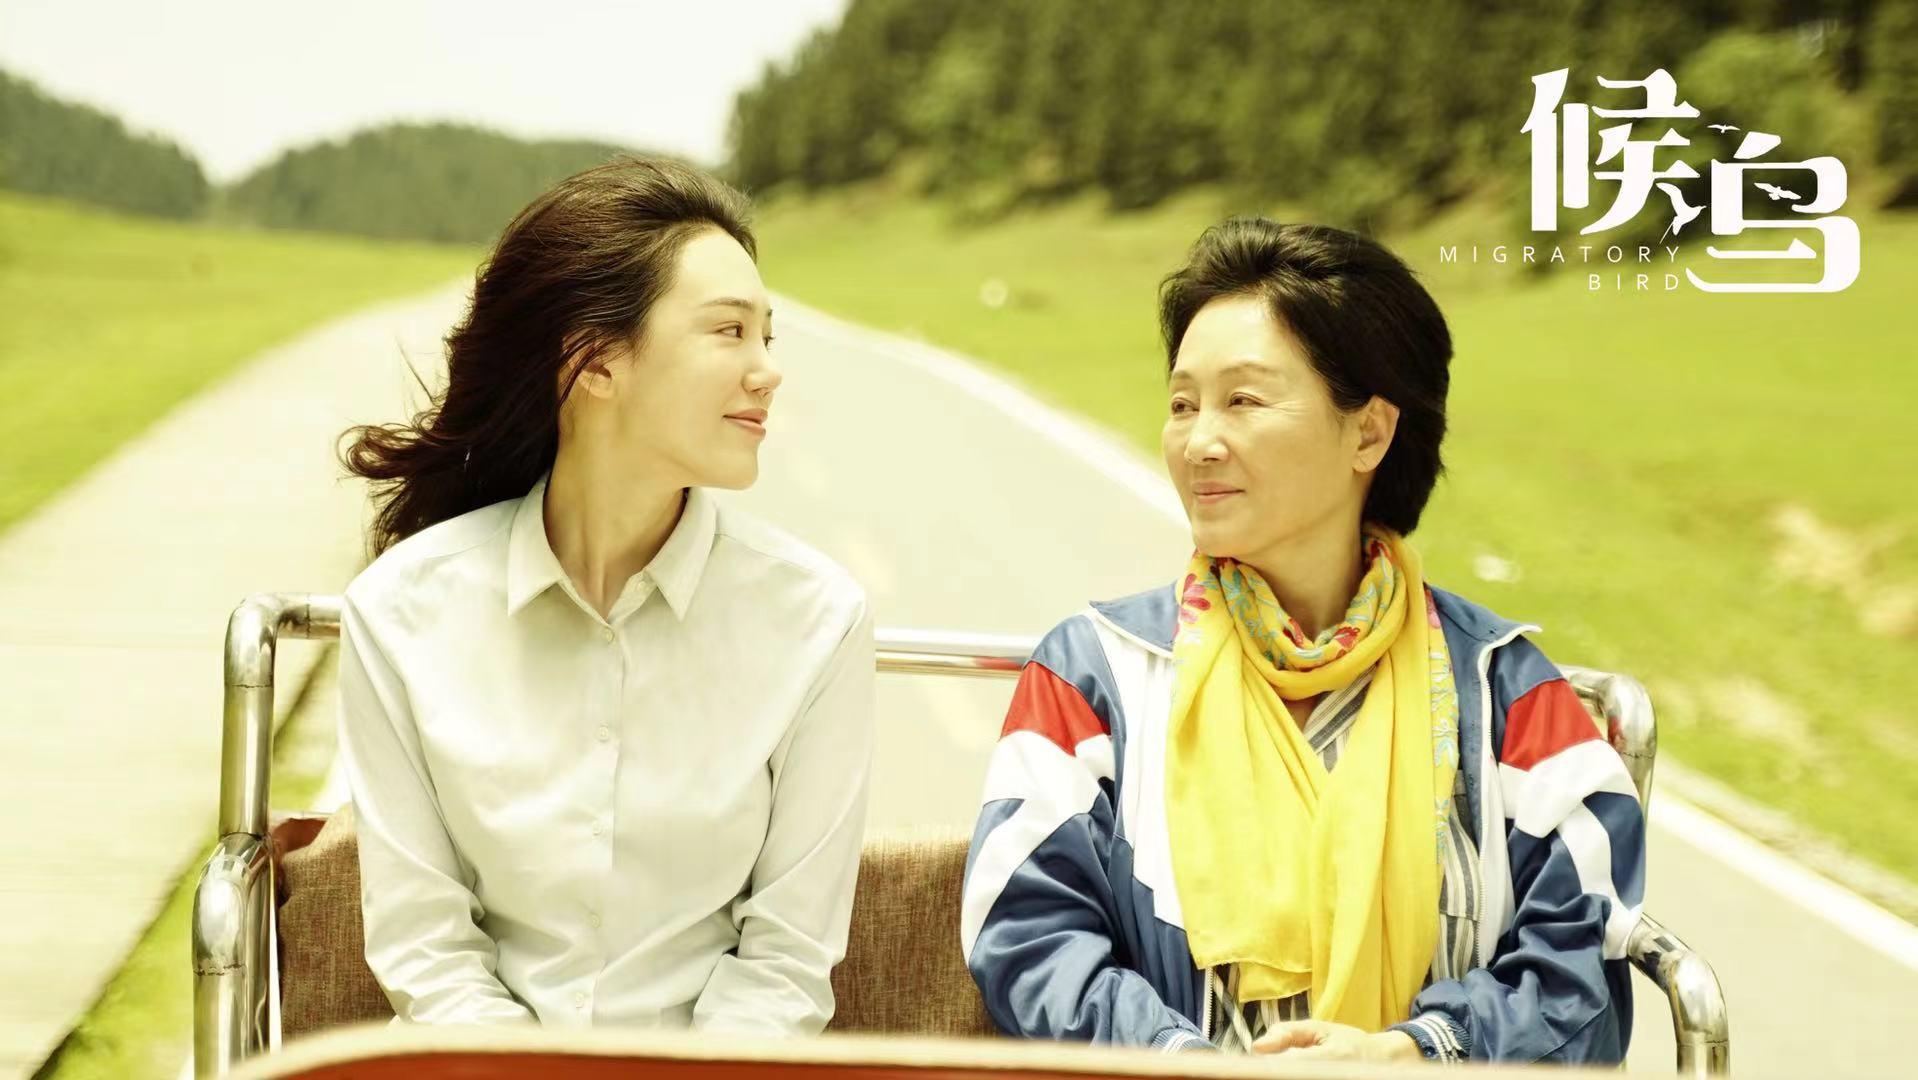 王姬高丽雯新片《候鸟》带你游遍中国